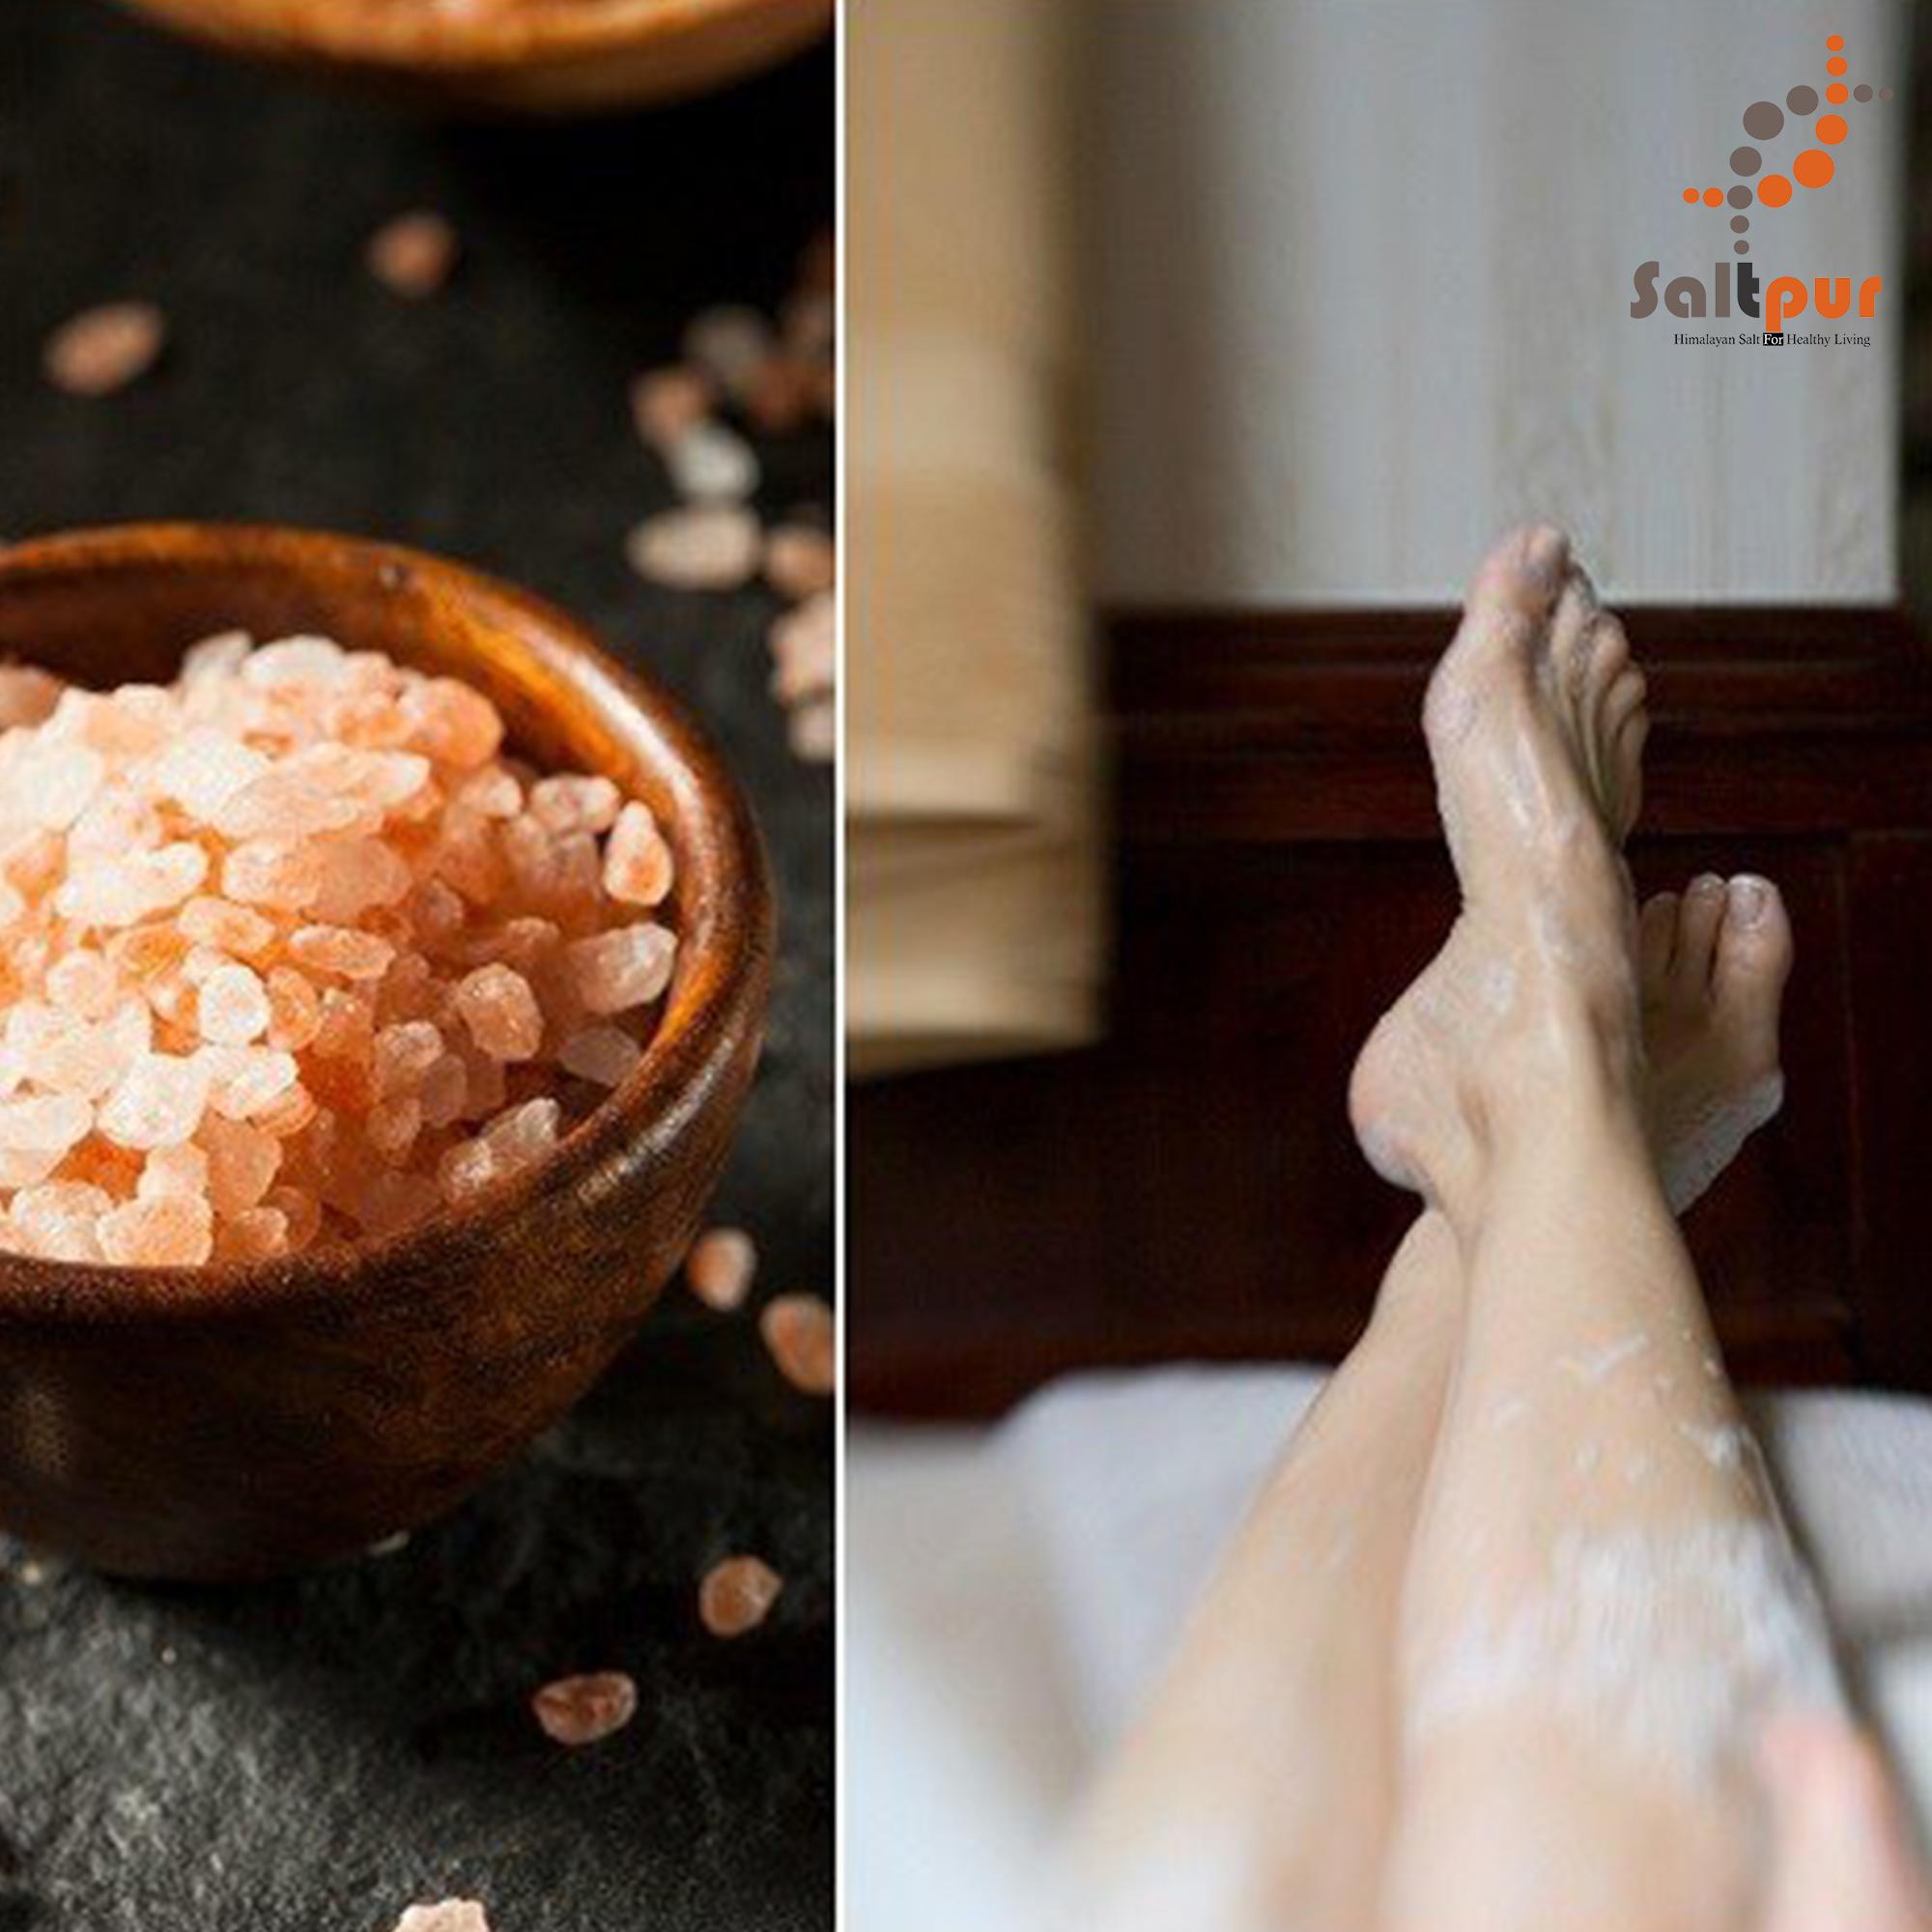 4 12 - Saltpur Himalayan Salts